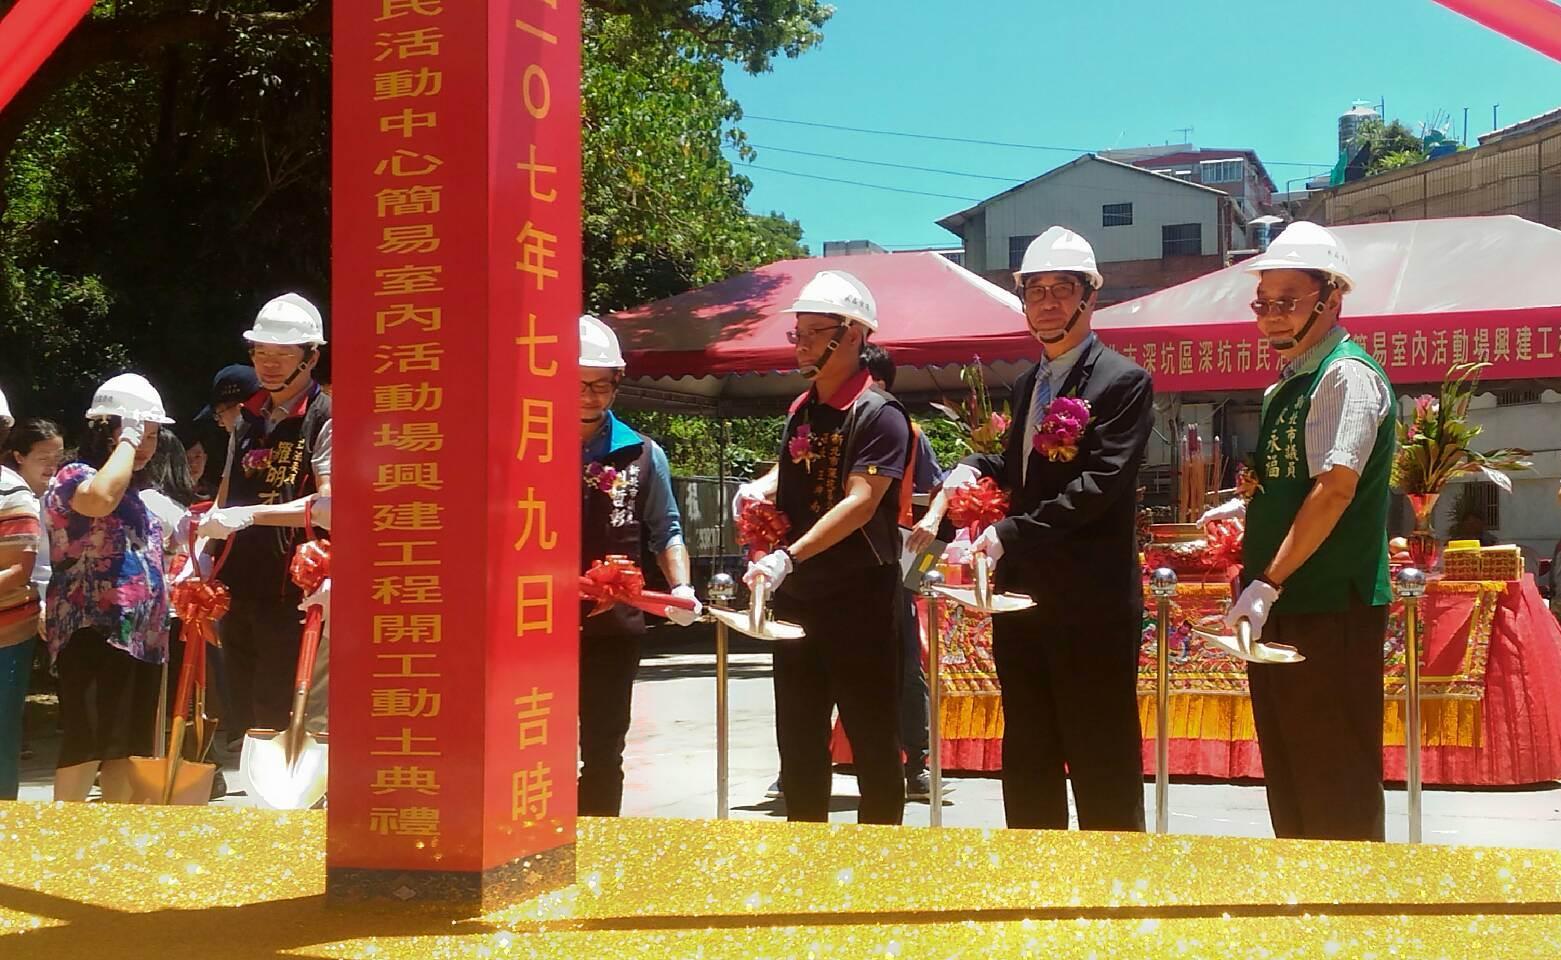 深坑區簡易室內活動場今(9)日由副市長李四川主持開工動土儀式-